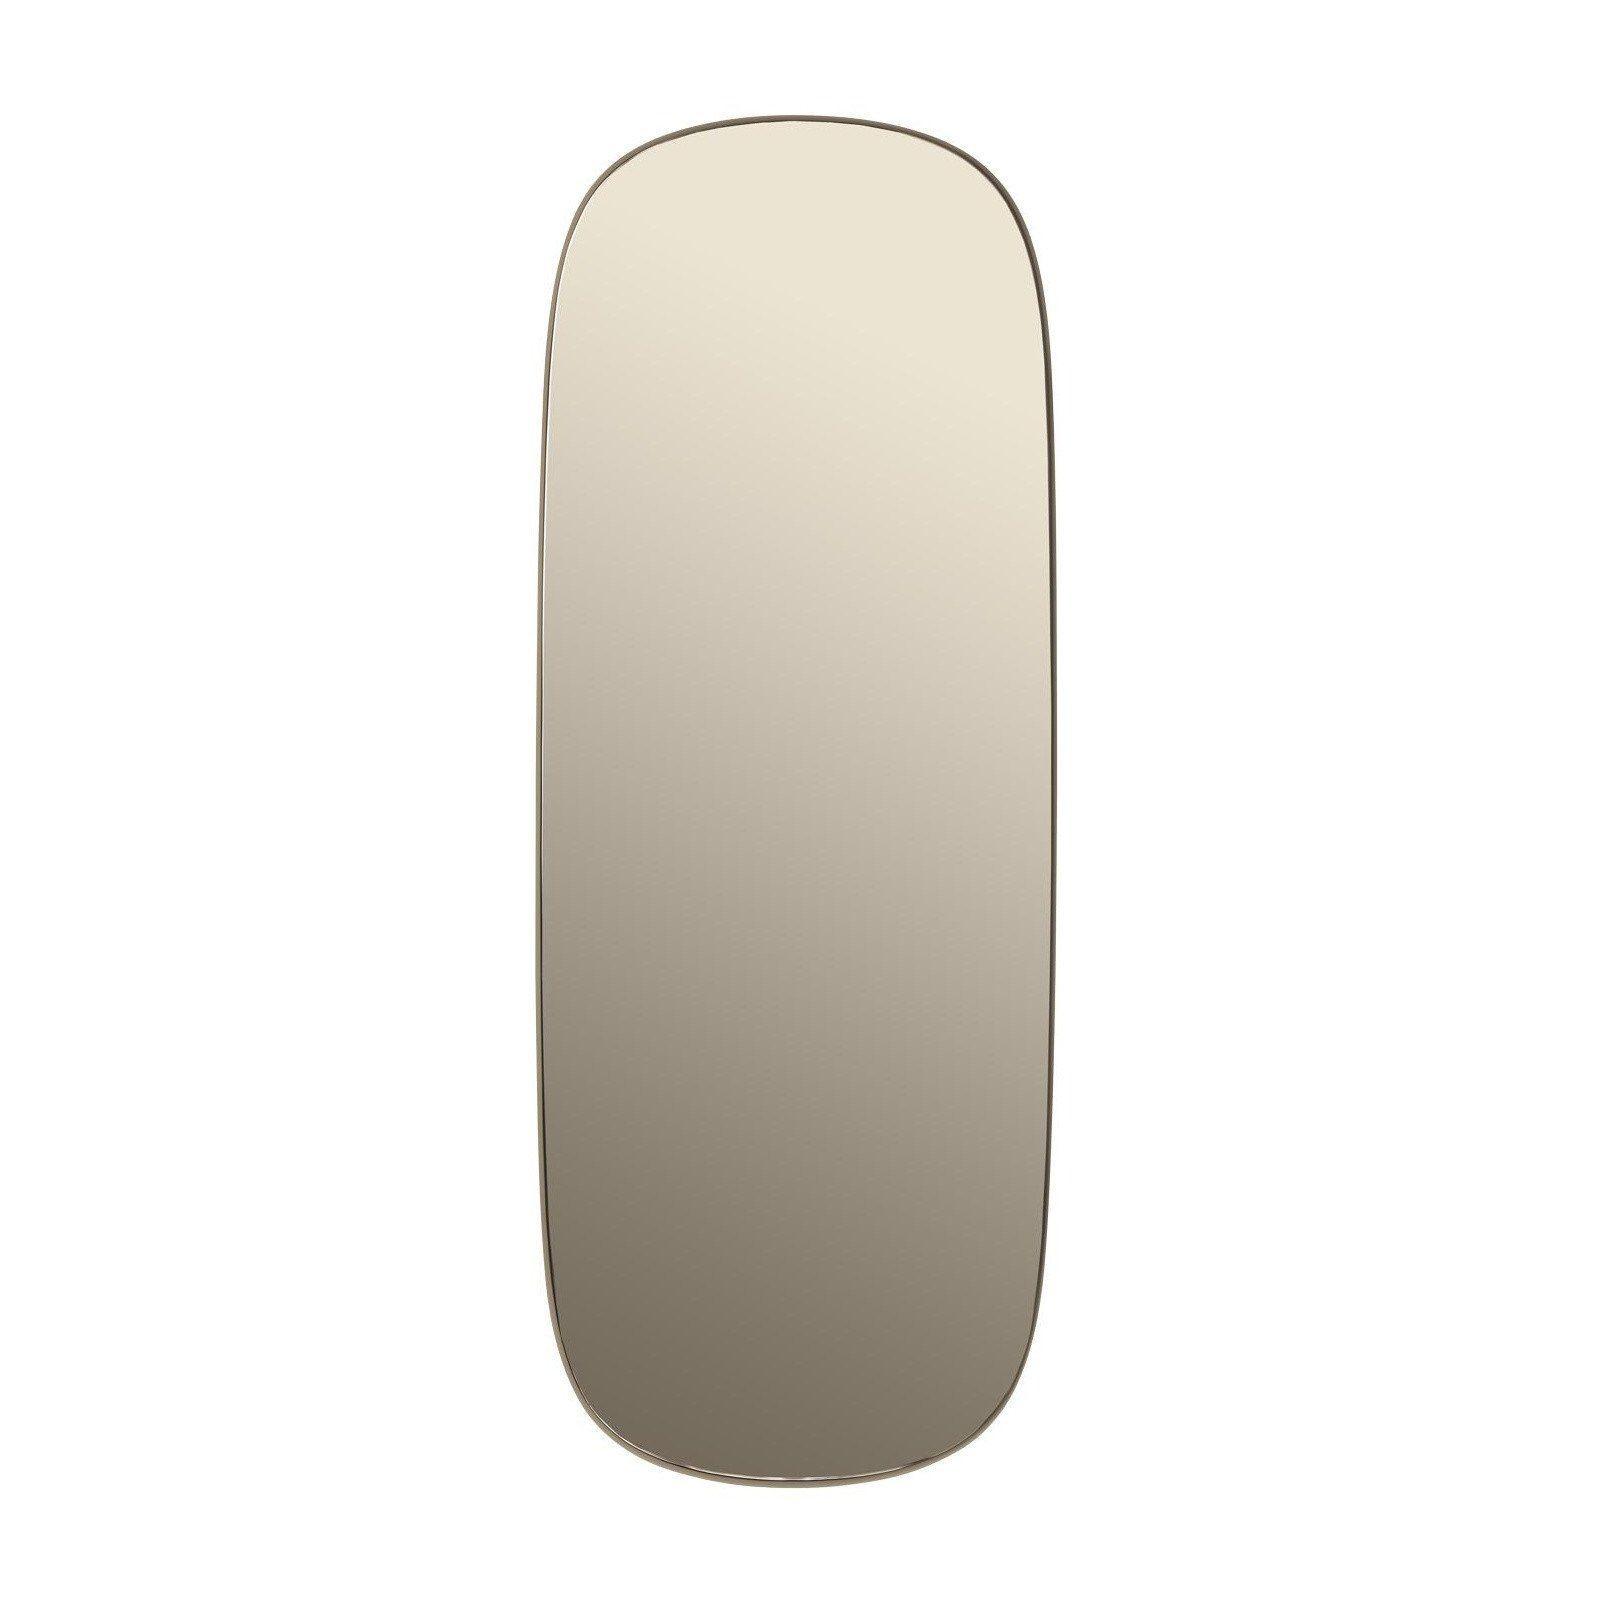 Muuto Framed Mirror Spiegel 118x44,5cm | AmbienteDirect